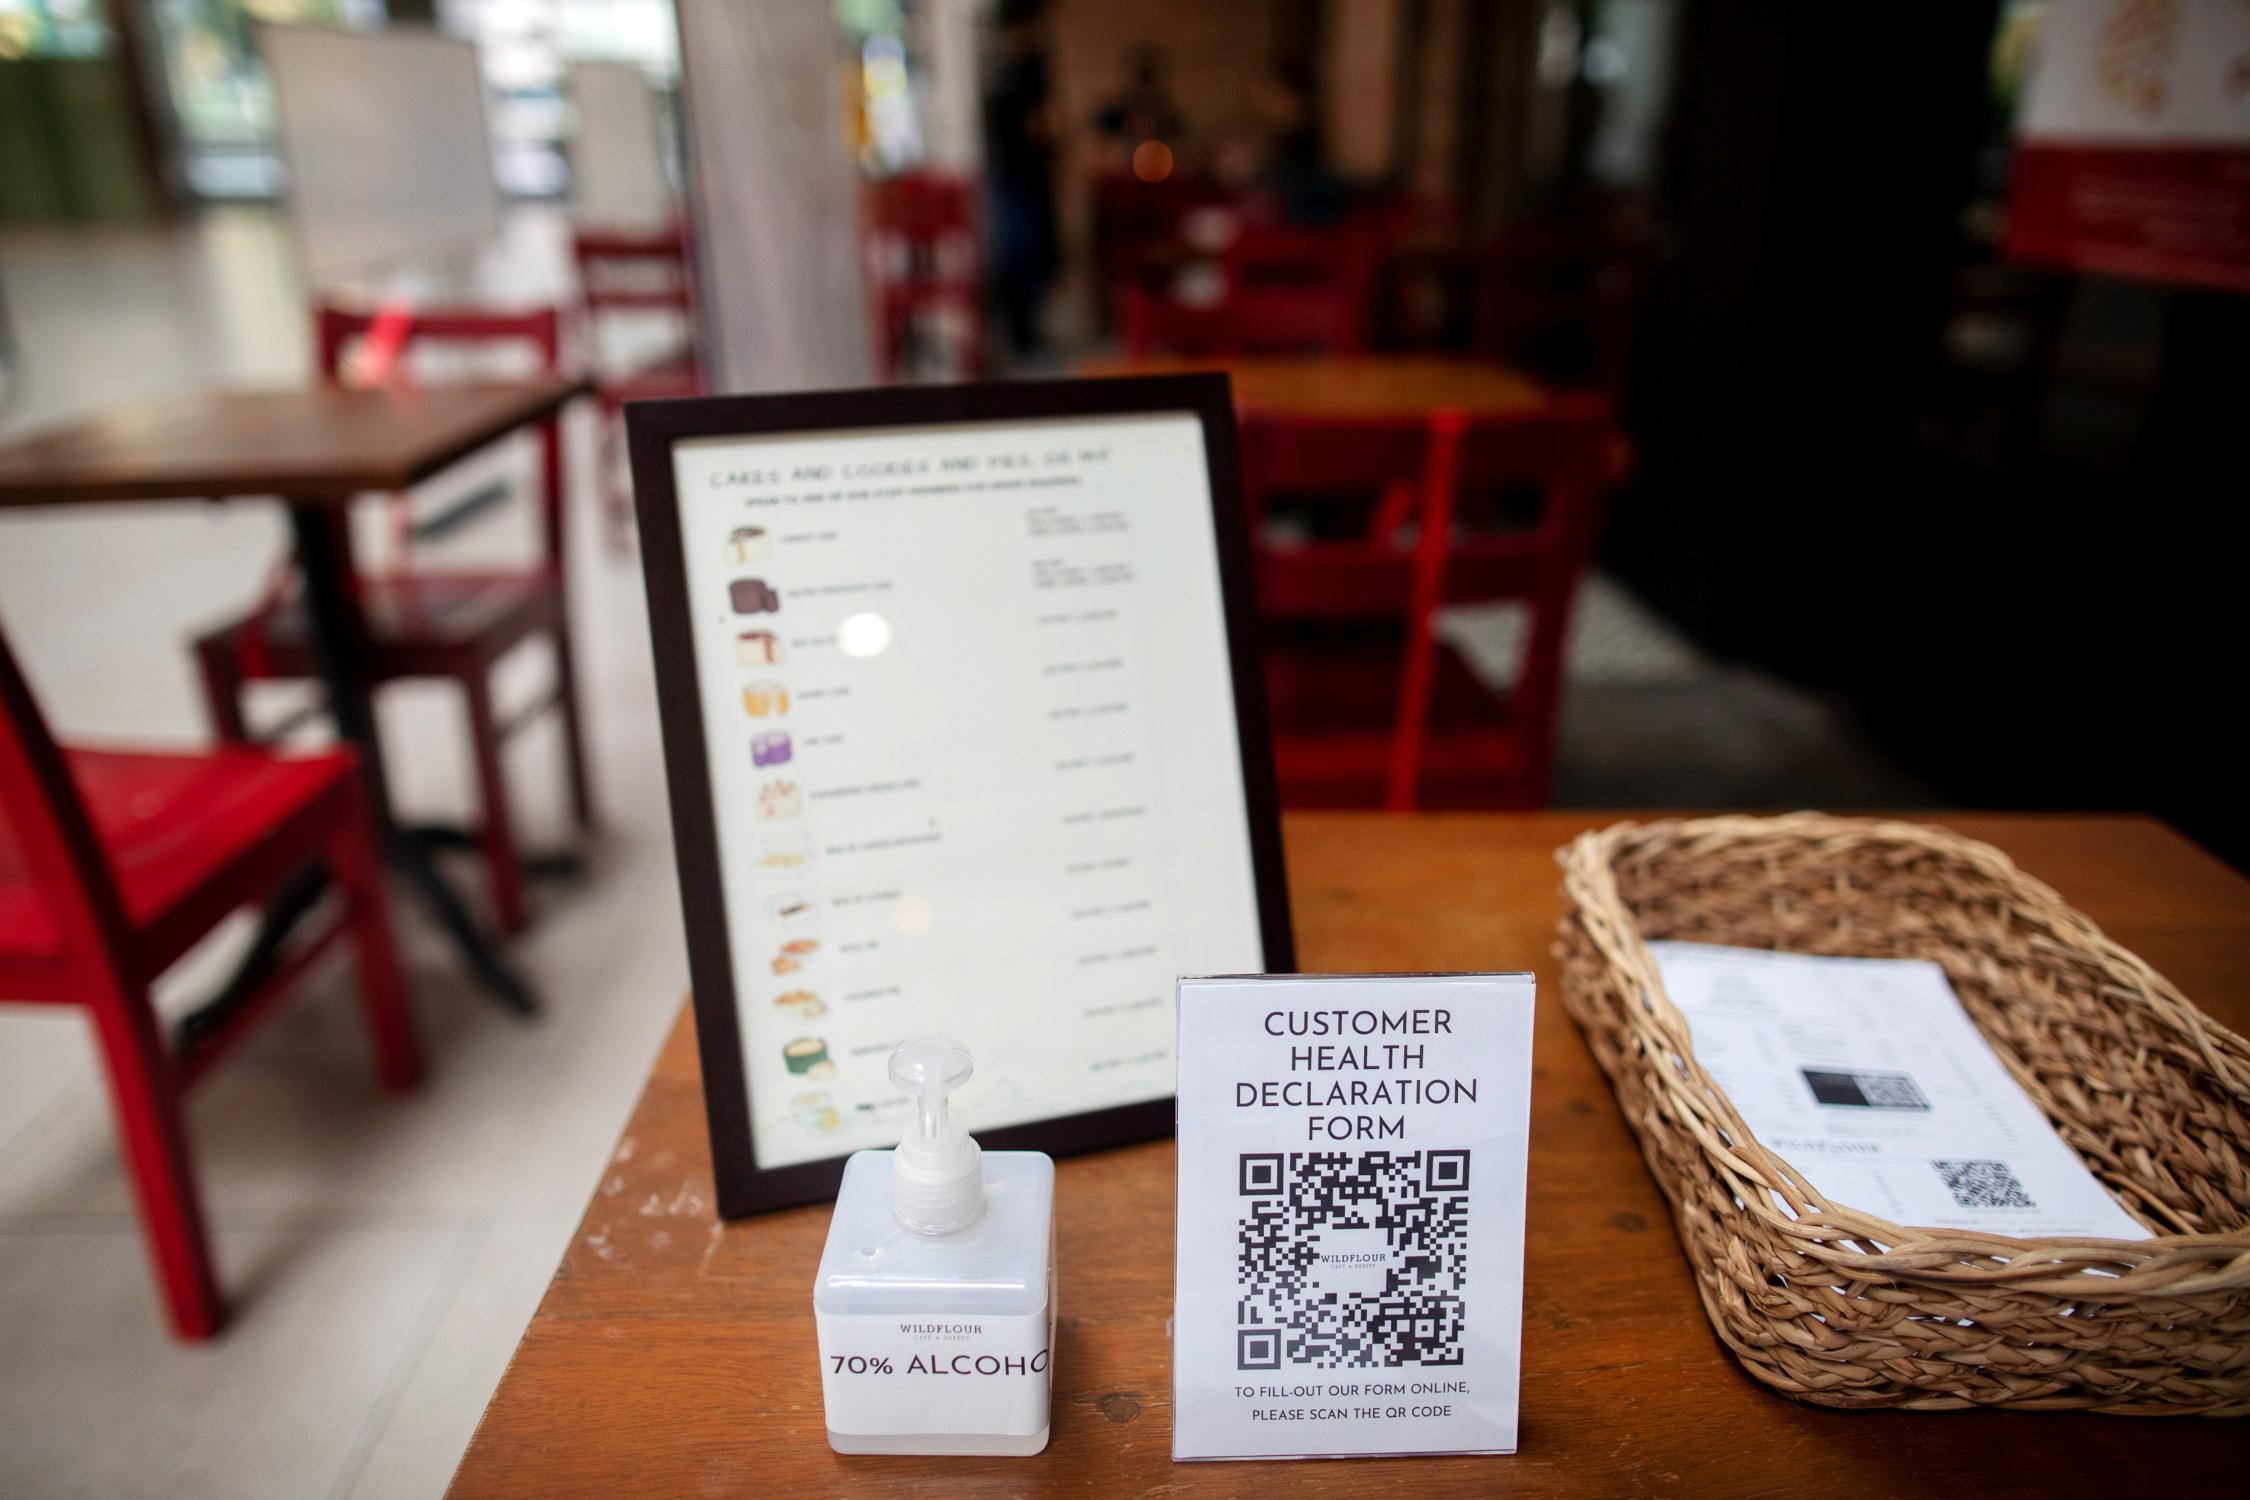 Nueva normalidad: el futuro de la gastronomía será con código QR - Infobae